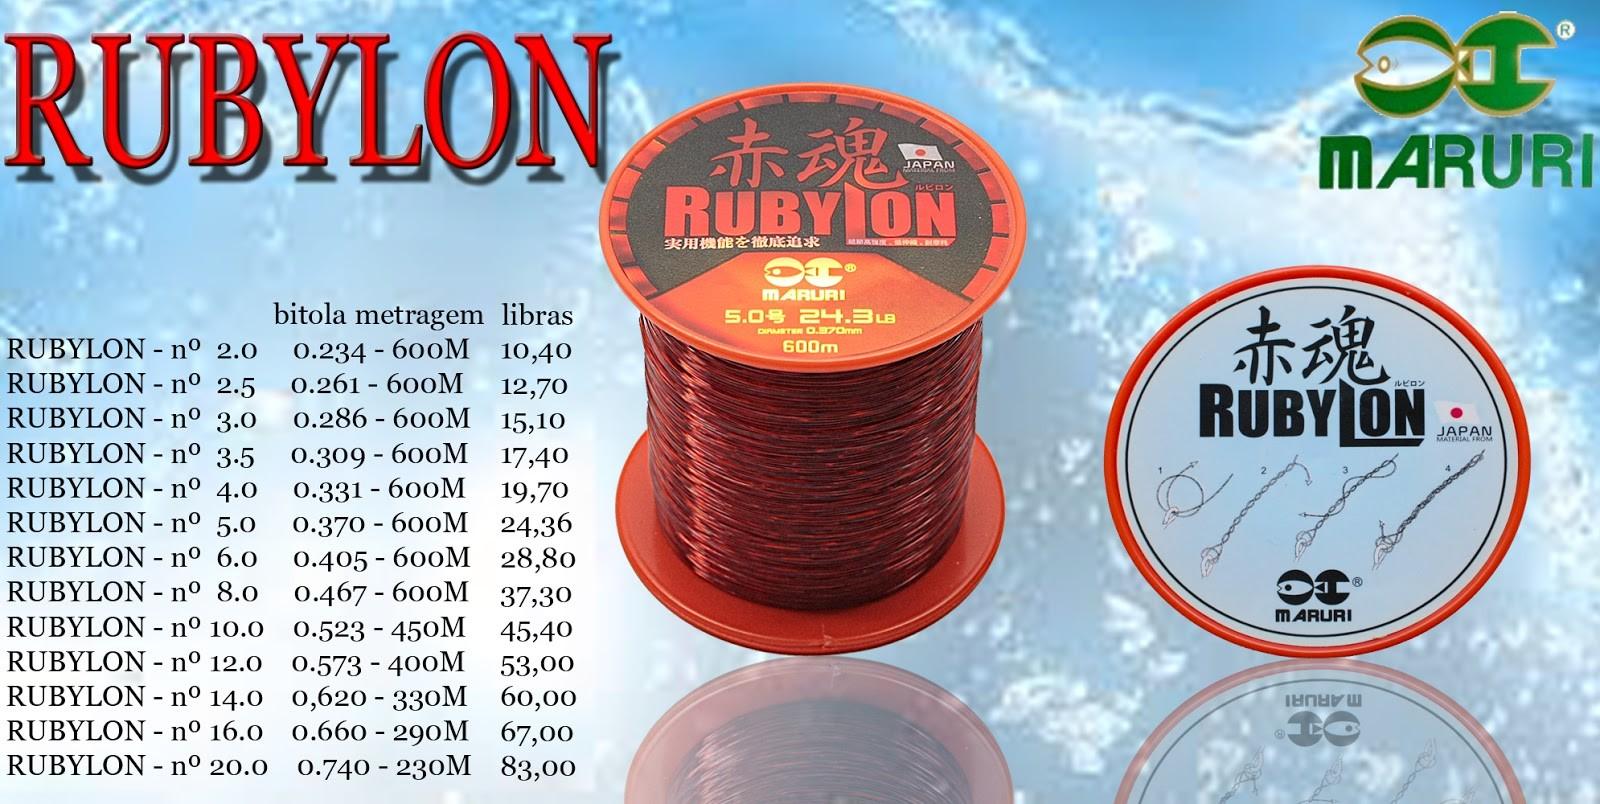 Linha Monofilamento Maruri Rubylon 0,28mm 15,1lbs/6,85kg - 600 Metros  - Life Pesca - Sua loja de Pesca, Camping e Lazer